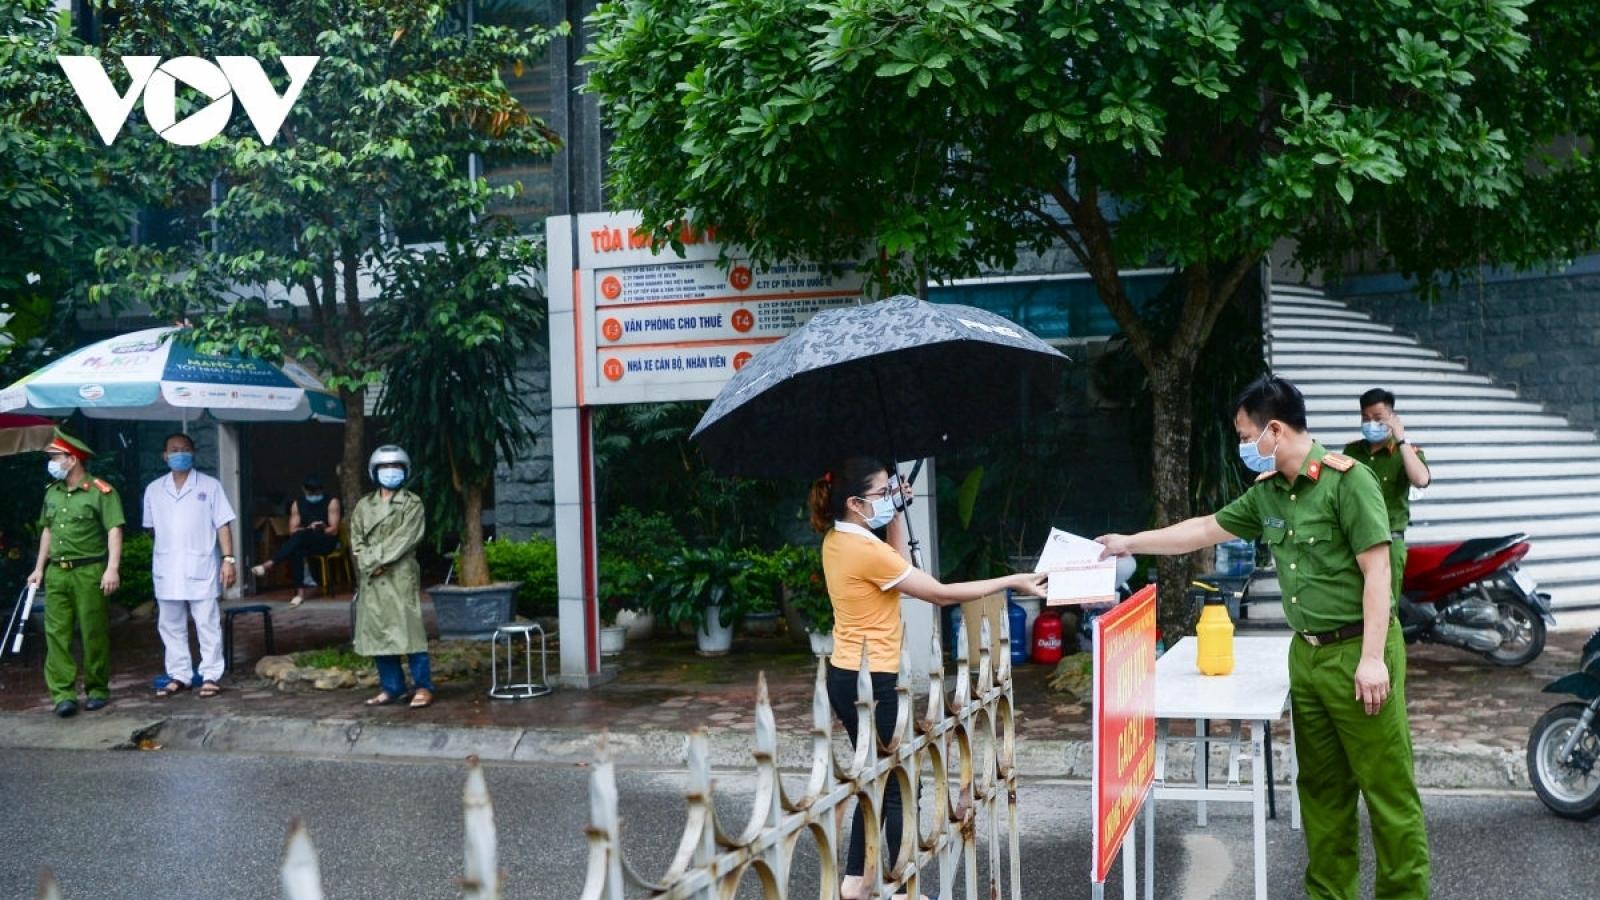 Thành phố Vĩnh Yên (Vĩnh Phúc) kết thúc thực hiện cách ly xã hội